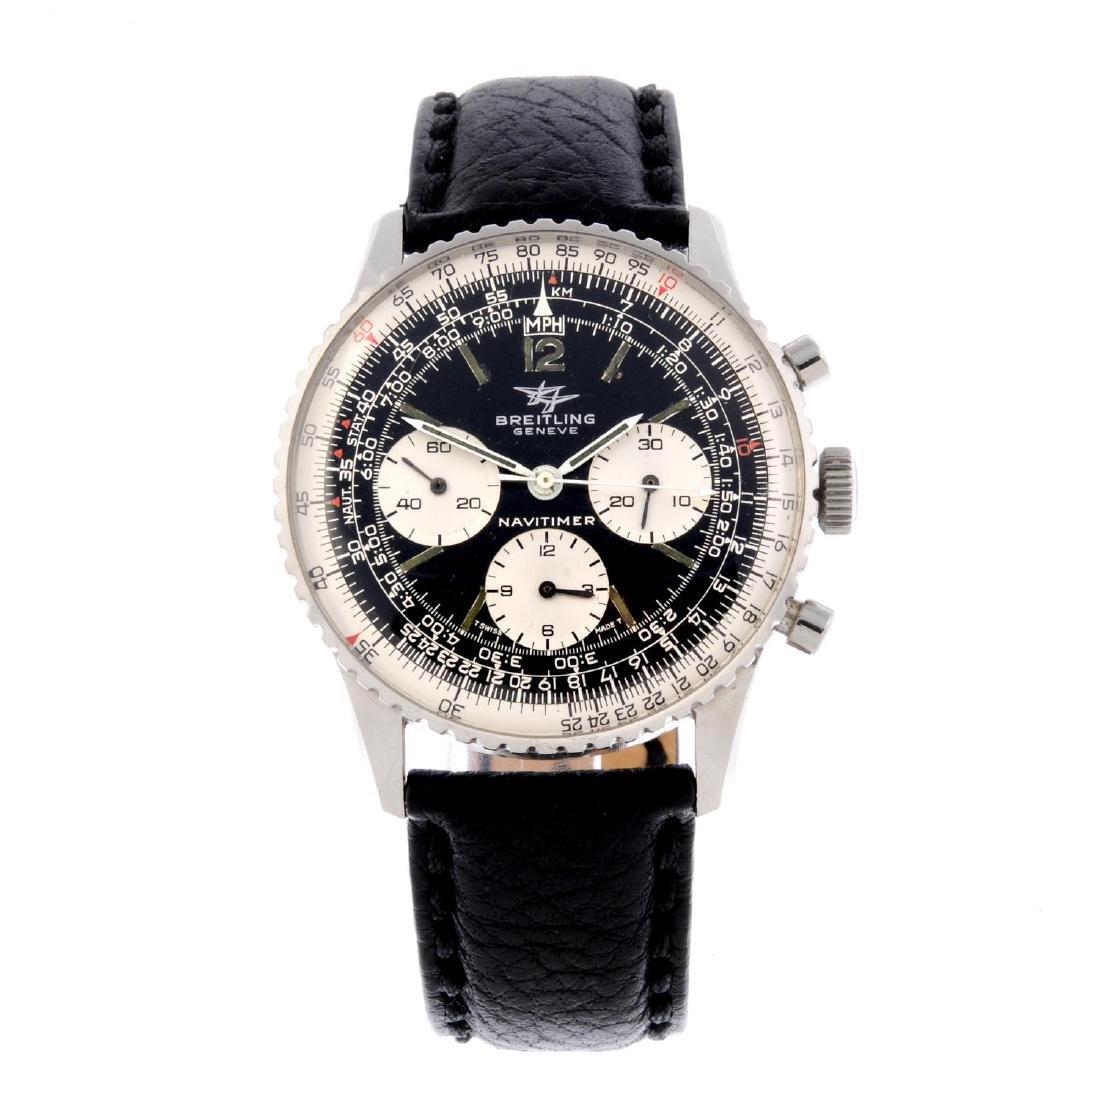 BREITLING - a gentleman's Navitimer chronograph wrist